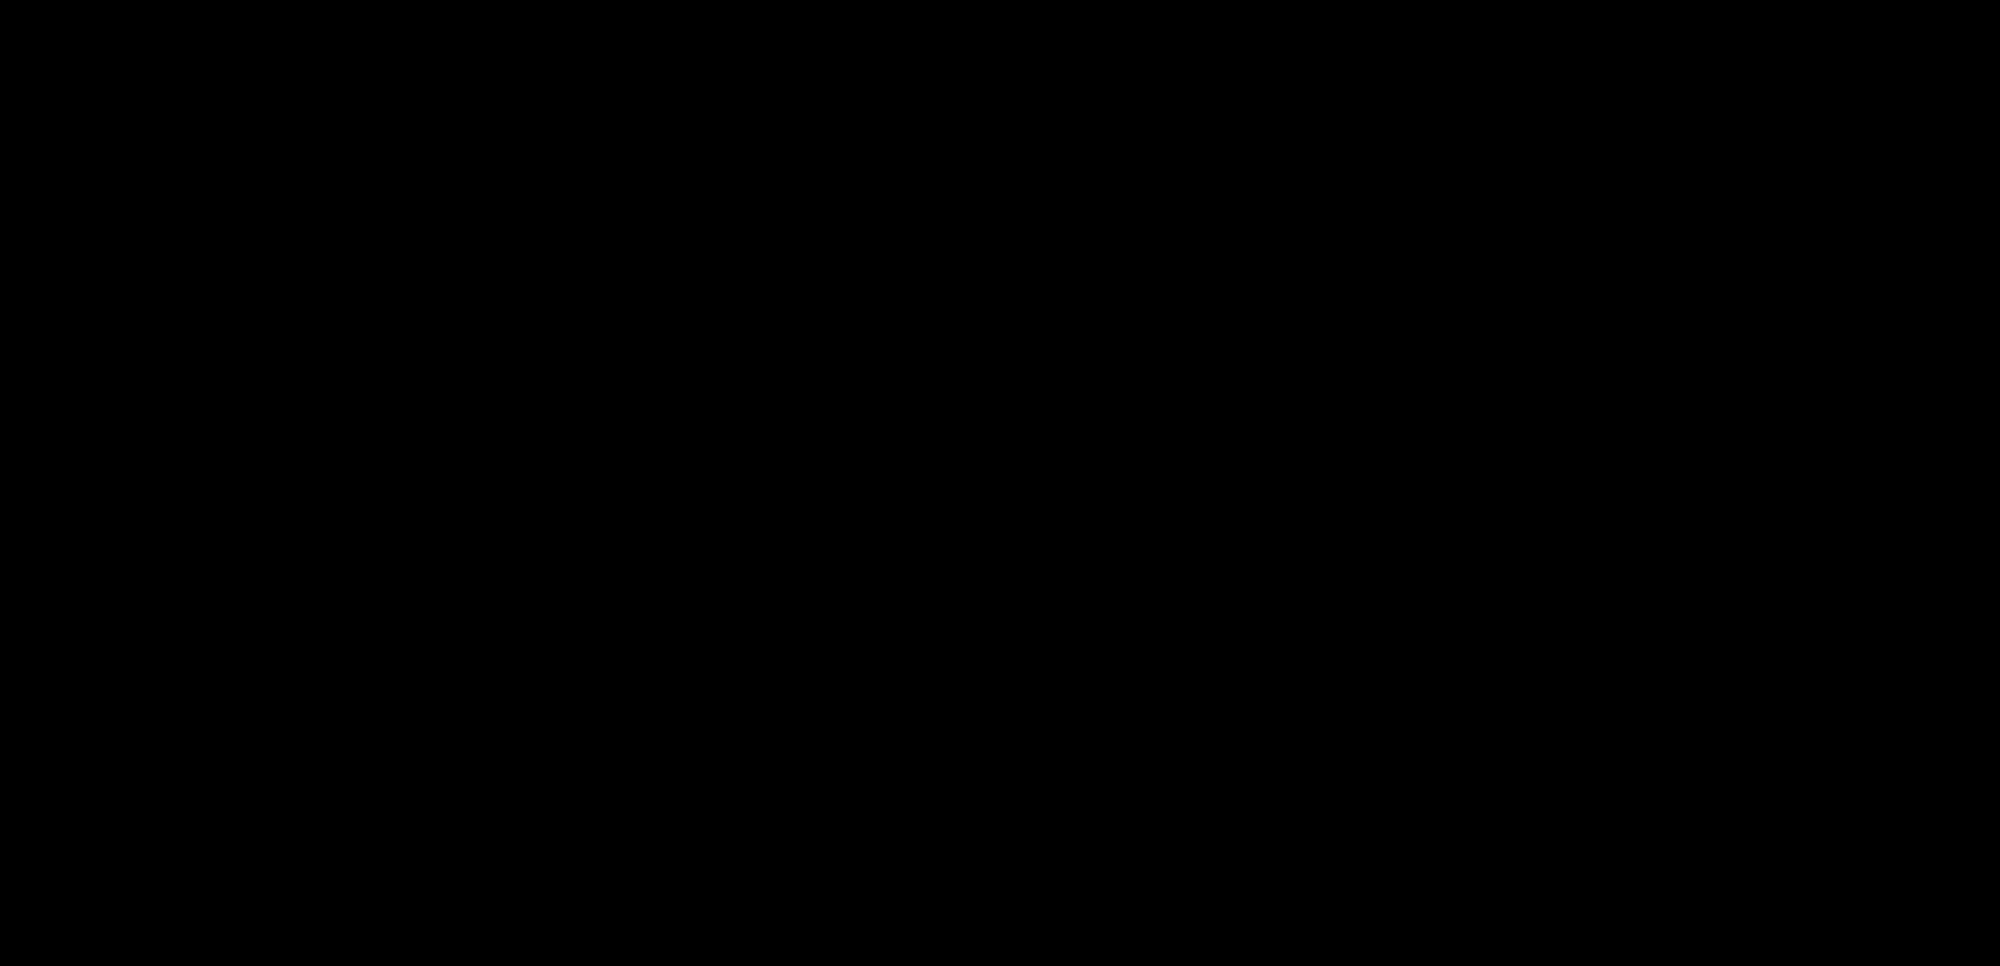 6dolce.gabbana logo.jpg